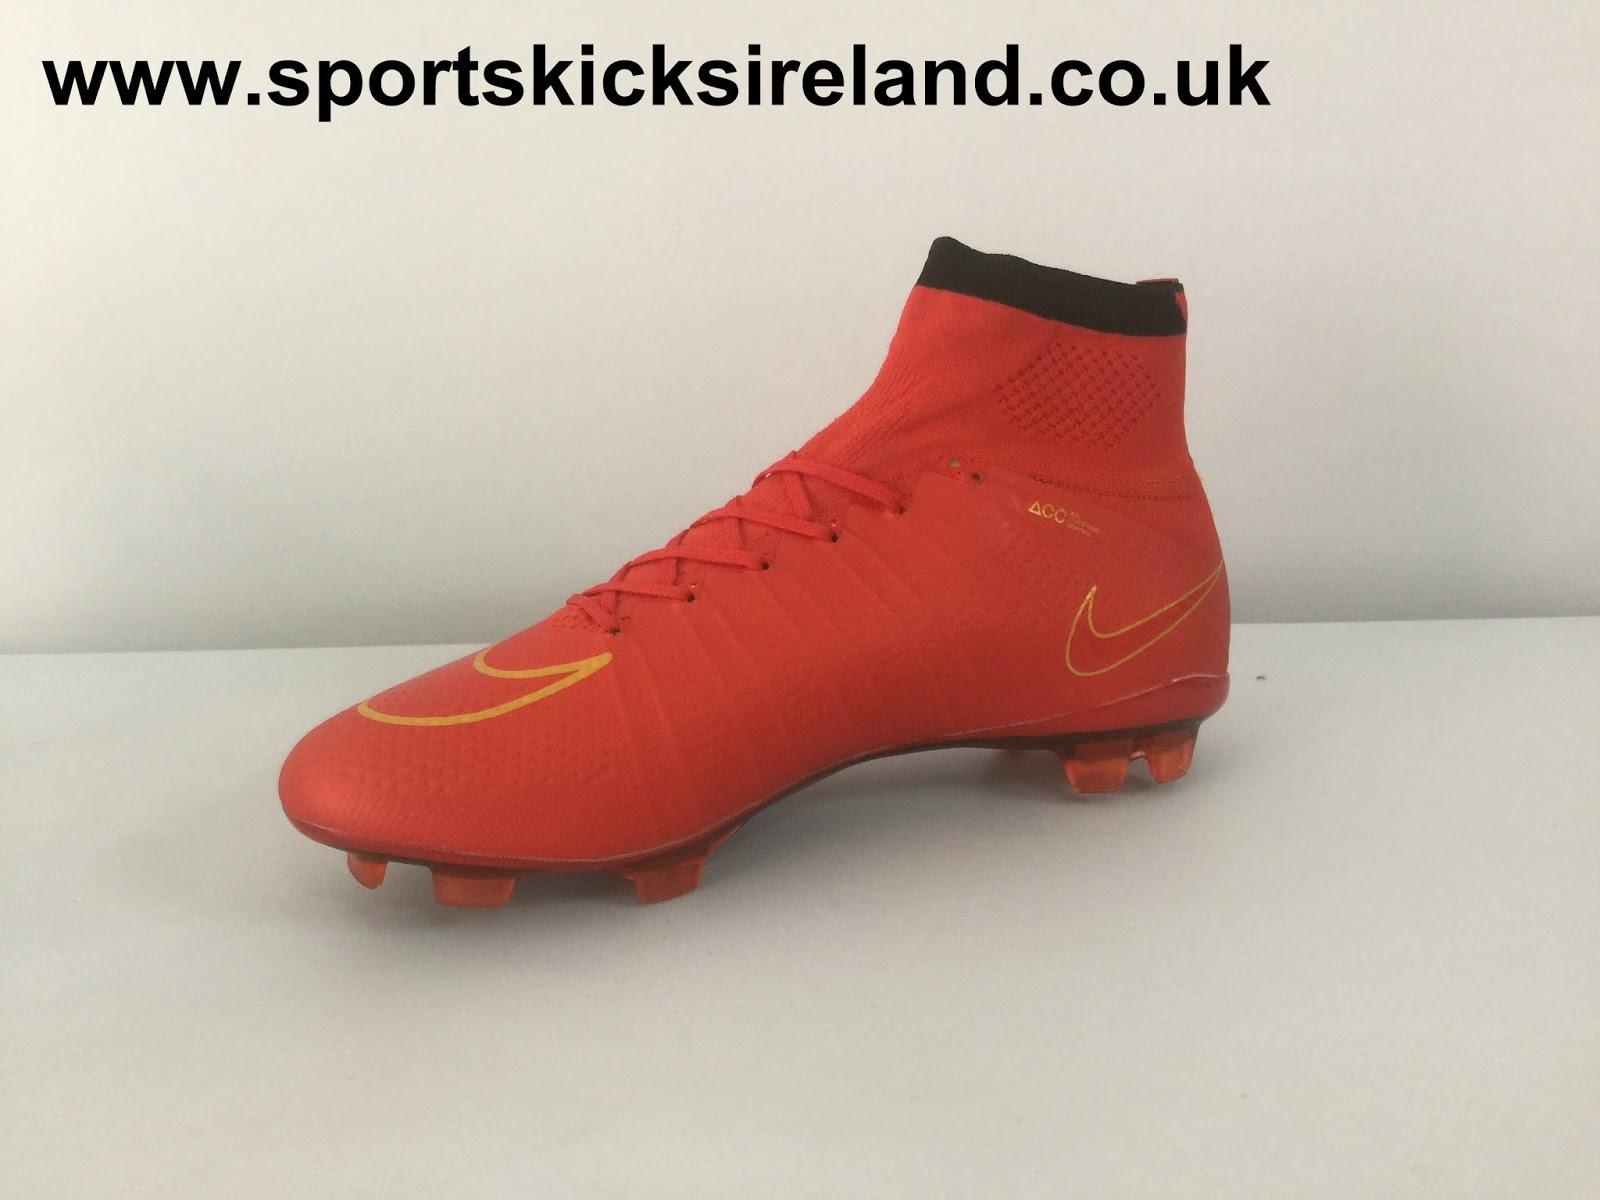 newest b285b 7baf8 Sports Kicks Ireland: All-new design of NIKE MERCURIAL ...